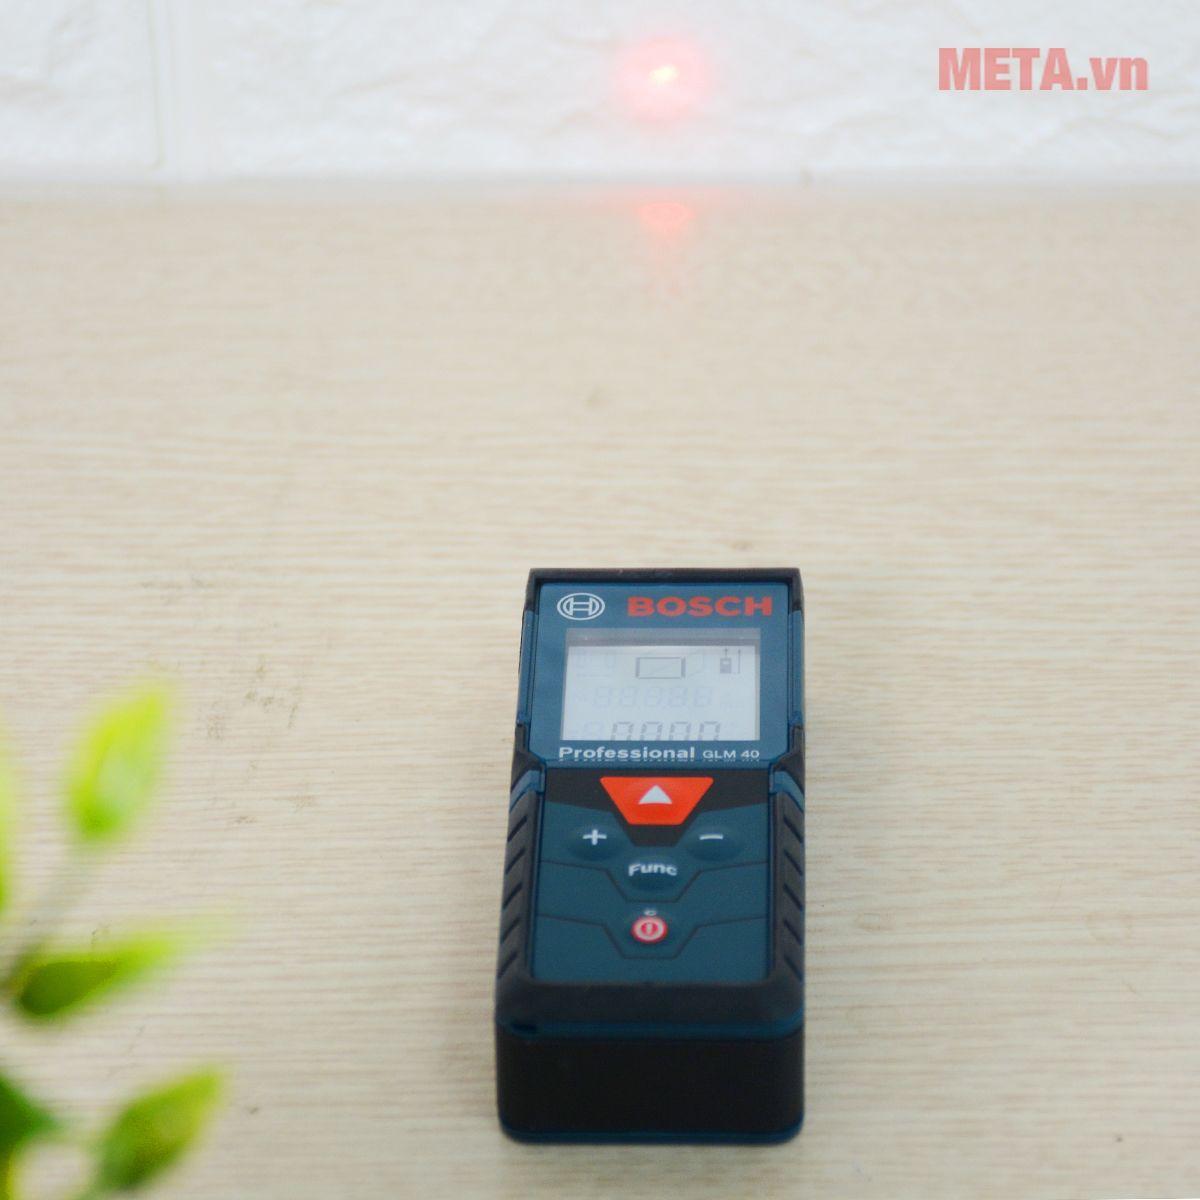 Máy đo khoảng cách laser Bosch GLM 40 thao tác đo dễ dàng